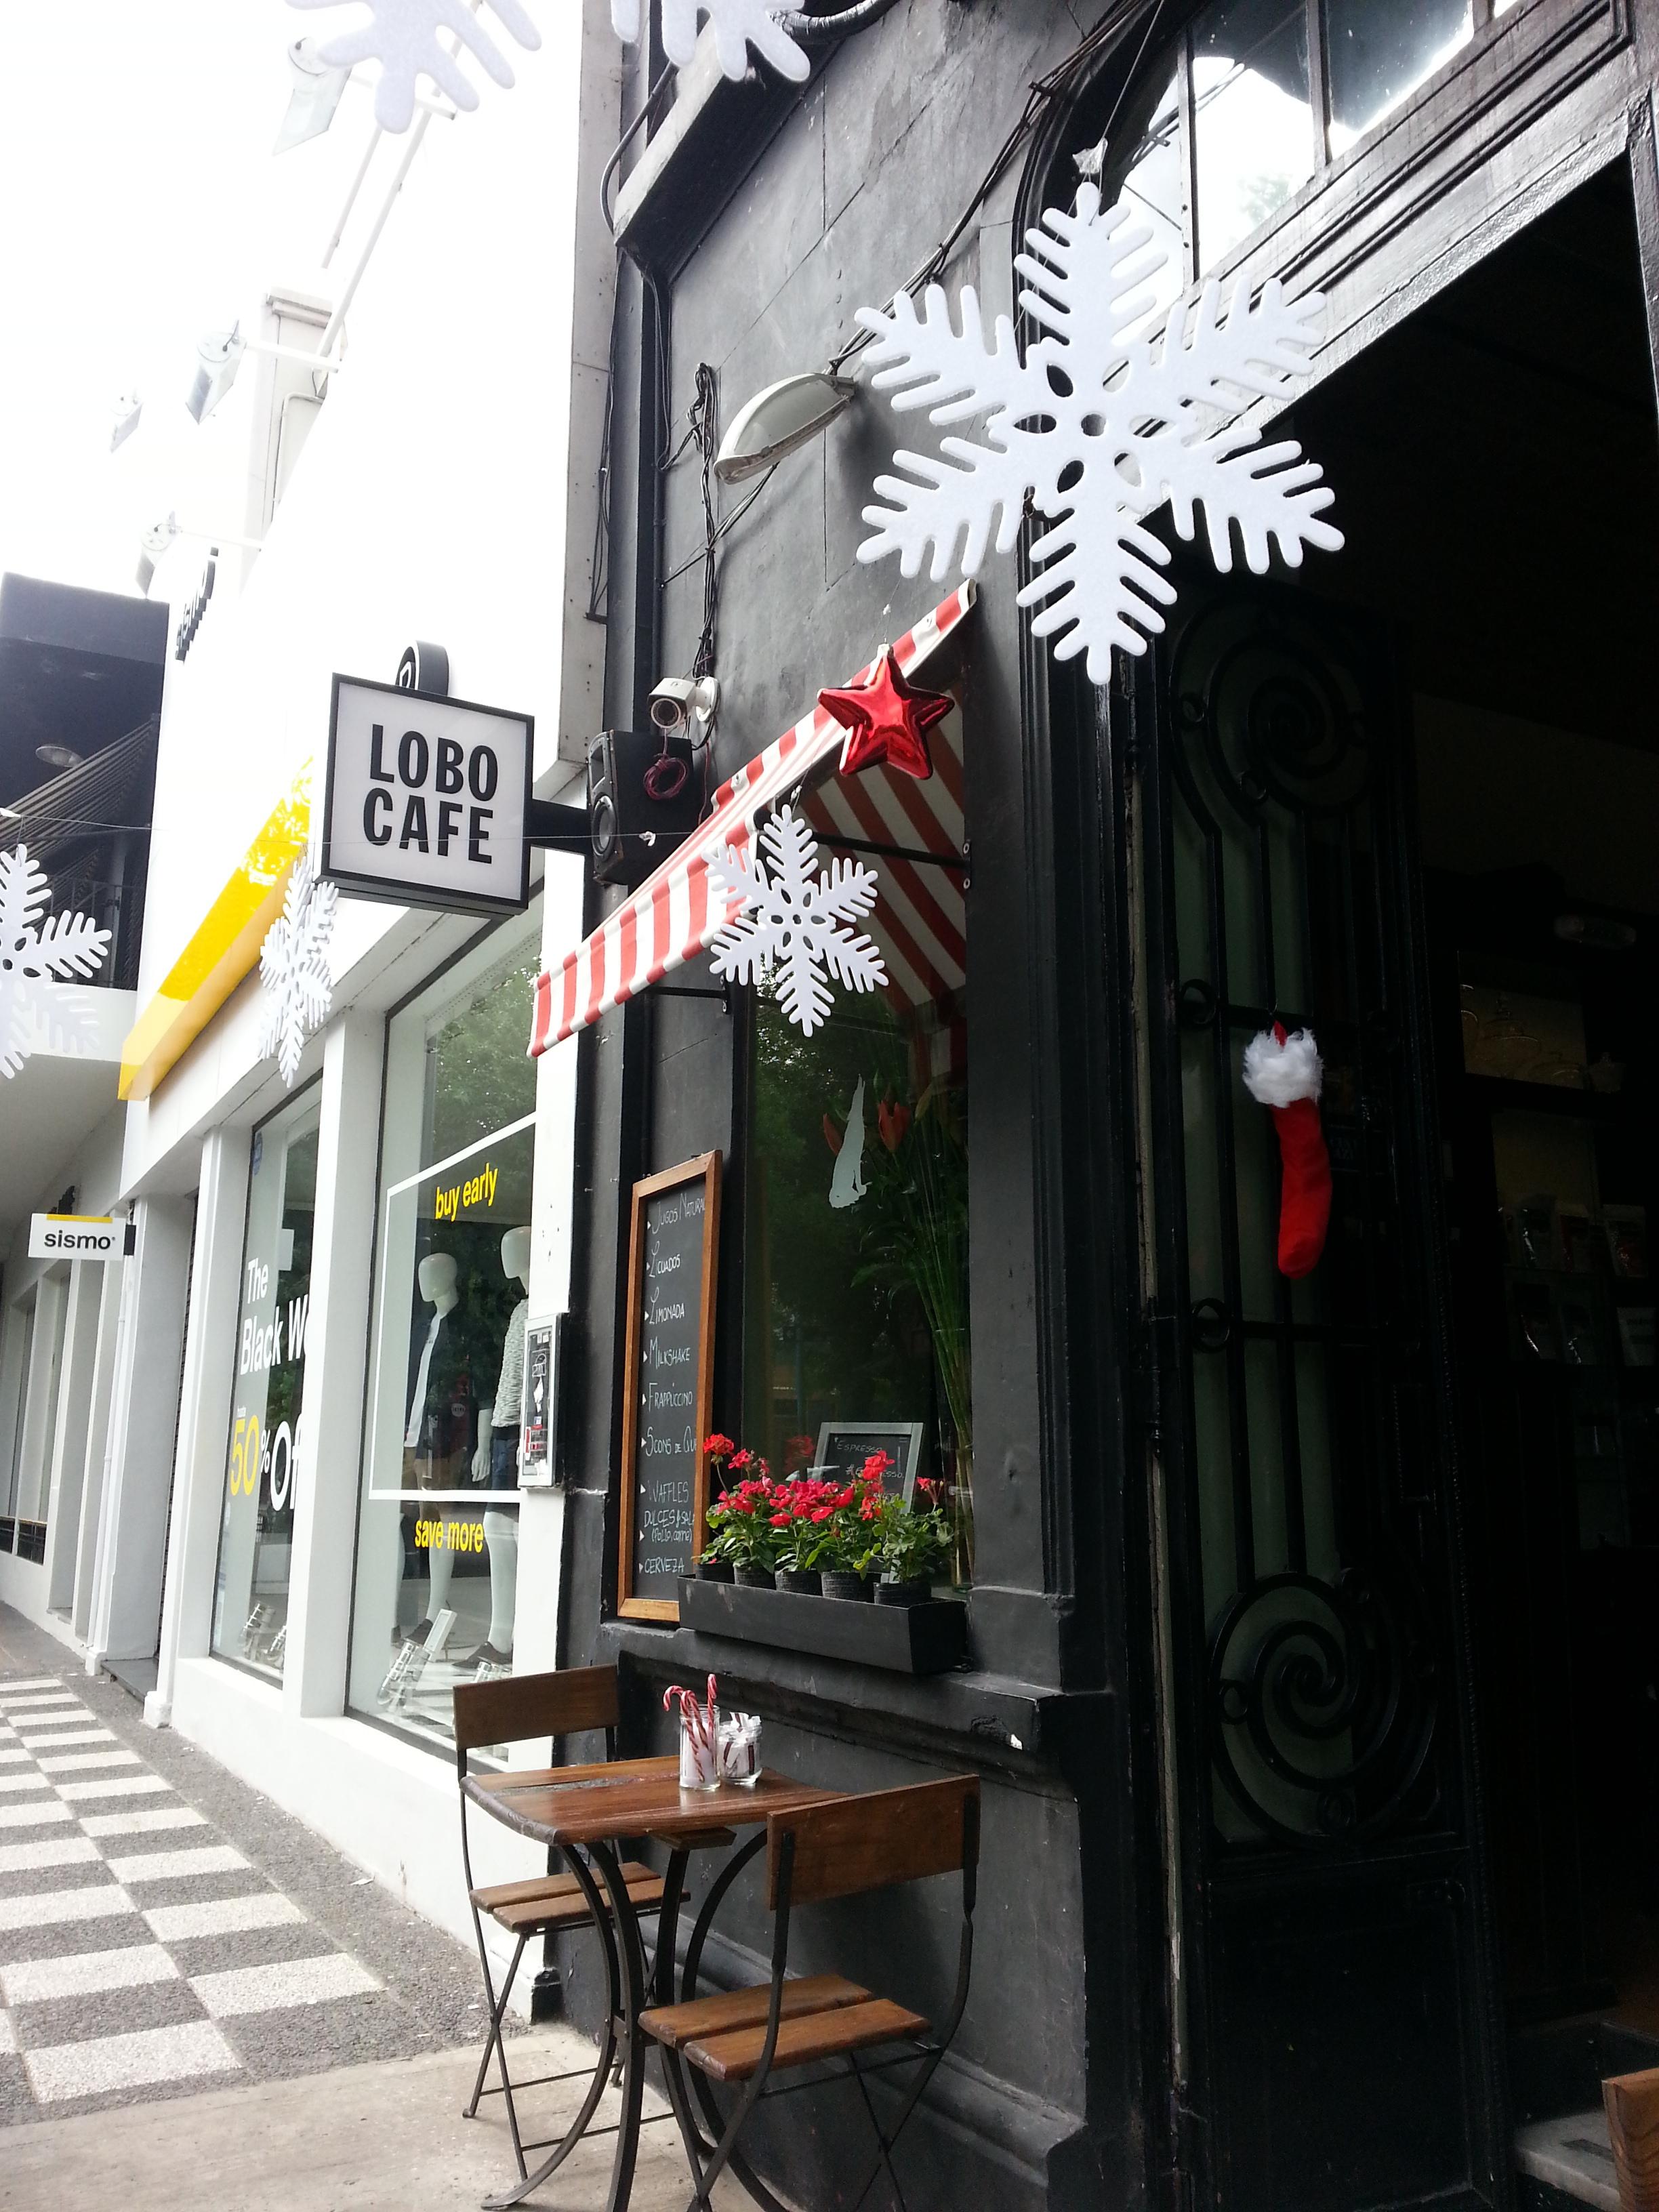 lobo cafe outside.jpg